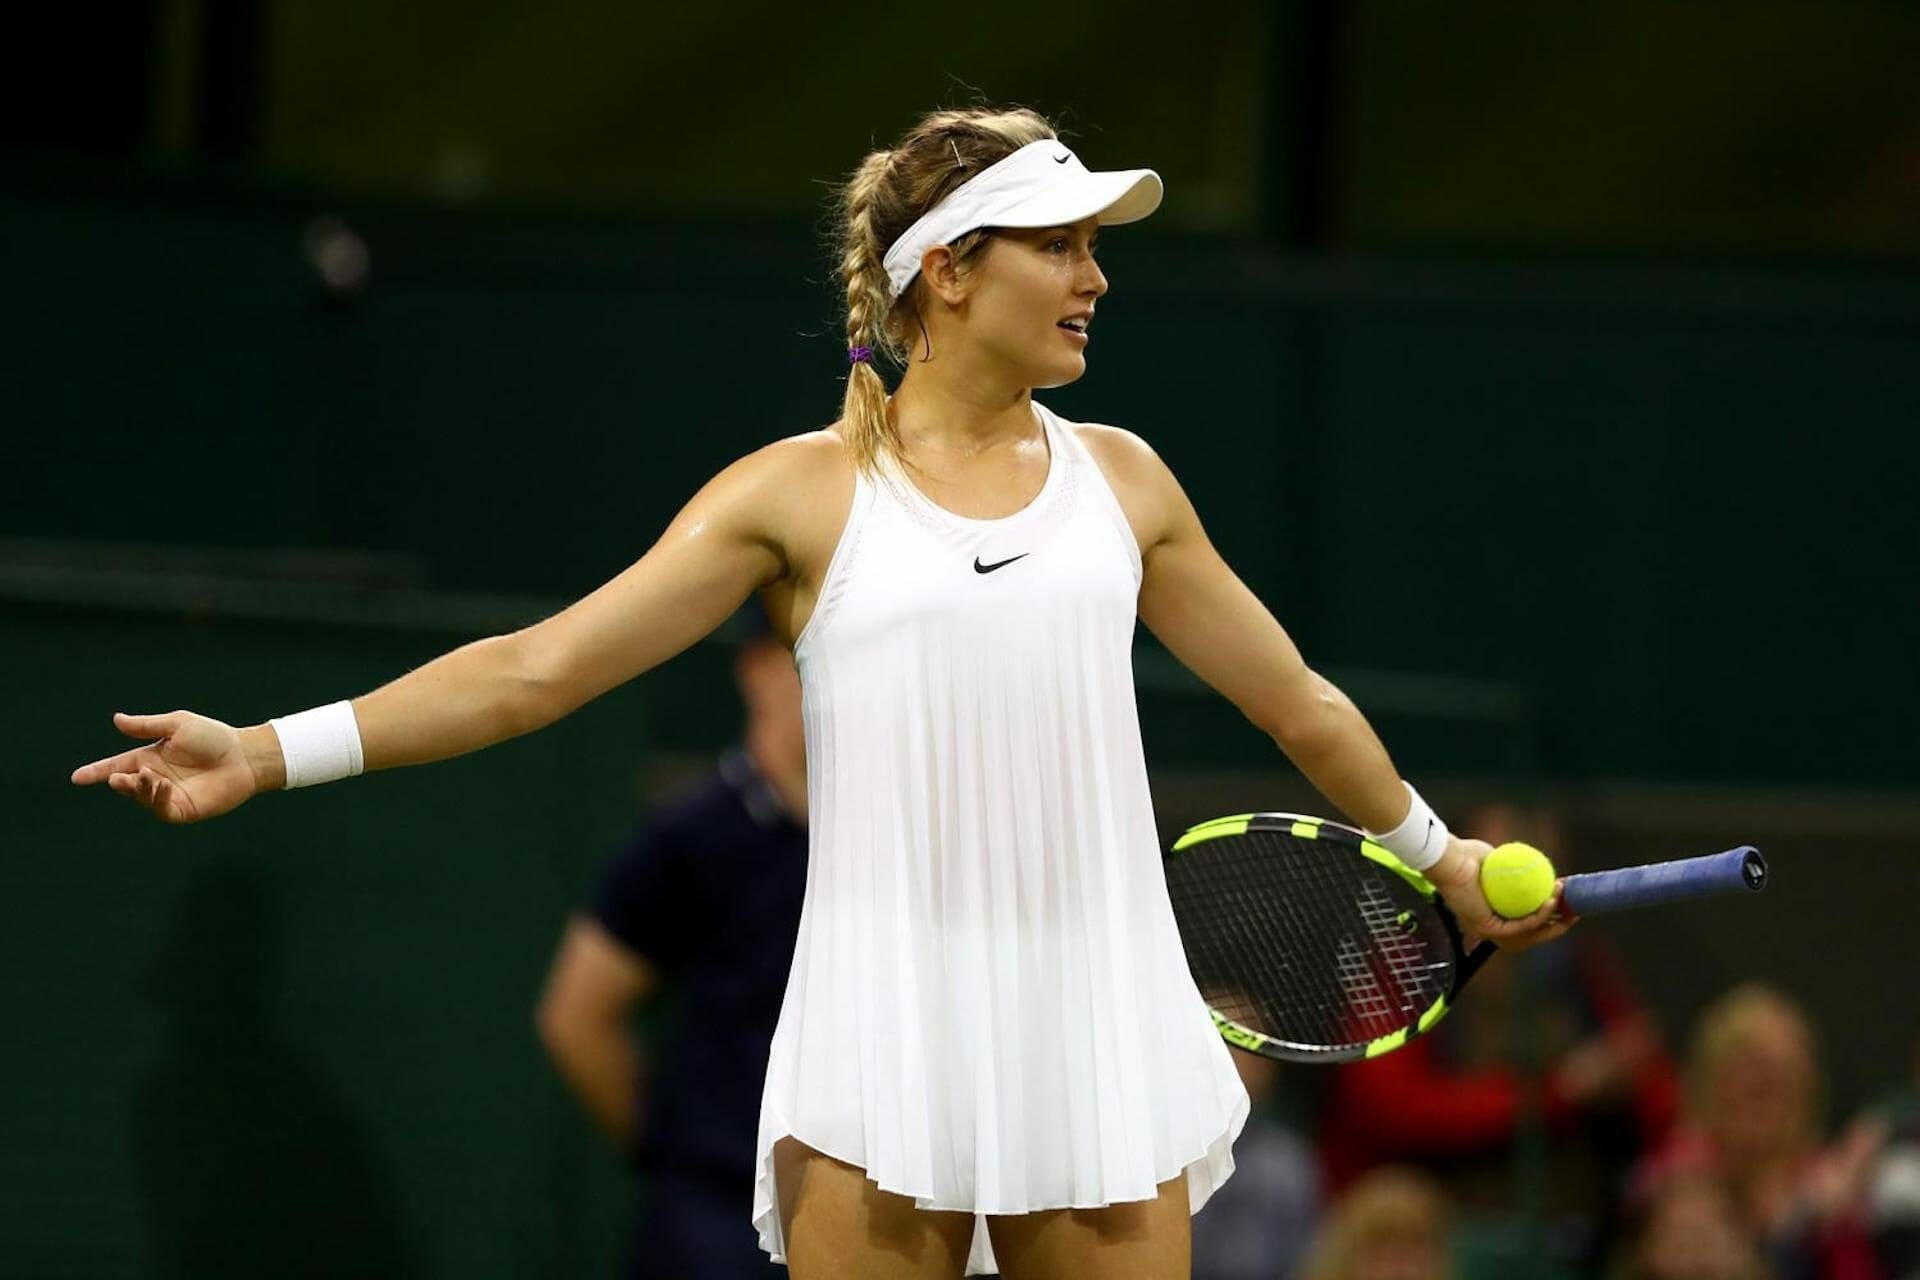 Les pires tenues vues à Wimbledon